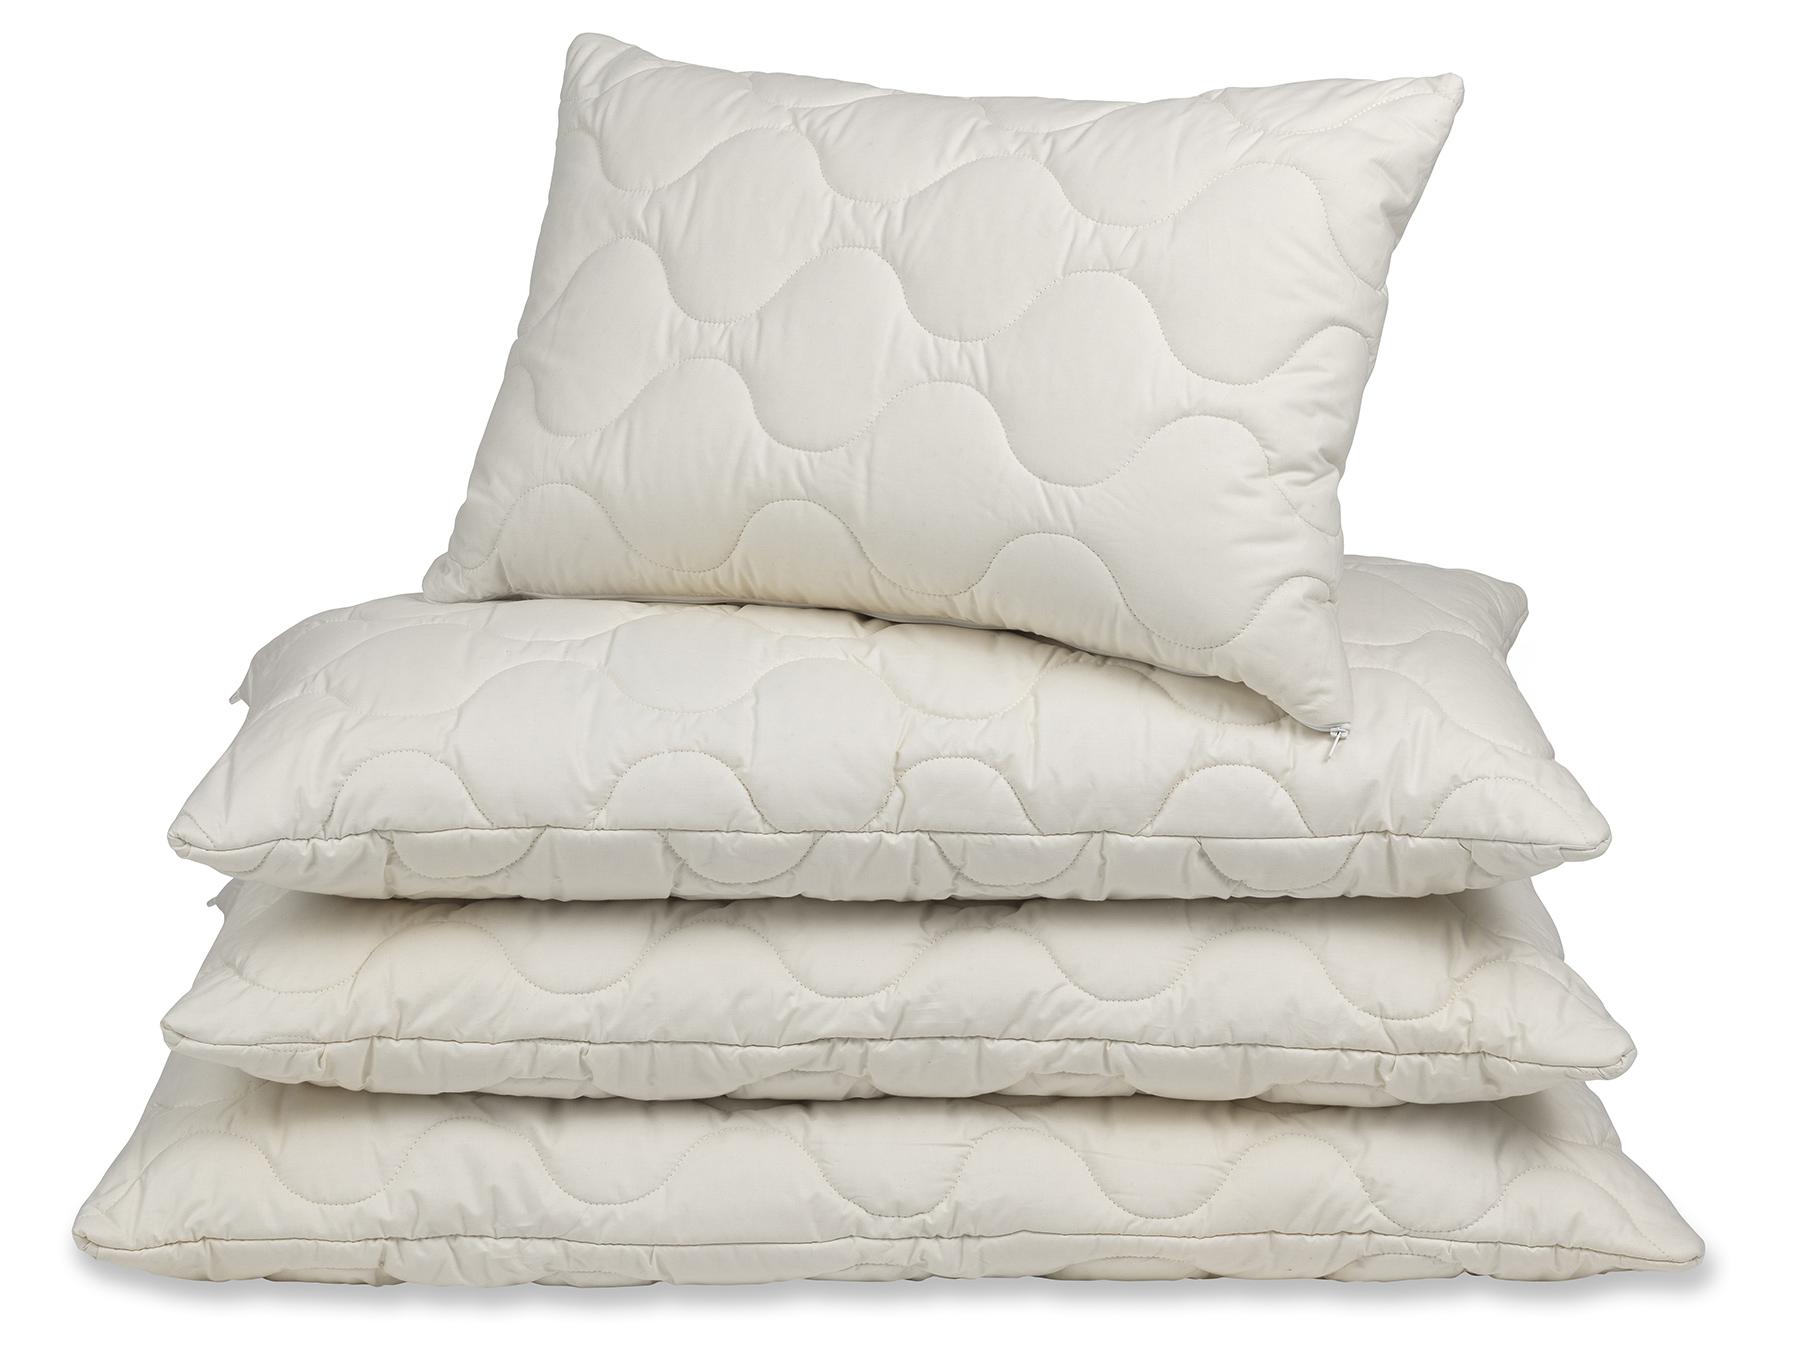 Mais-Vlies und TENCEL™ Fasern sorgen für ein angenehm ausgeglichenes Schlafklima.